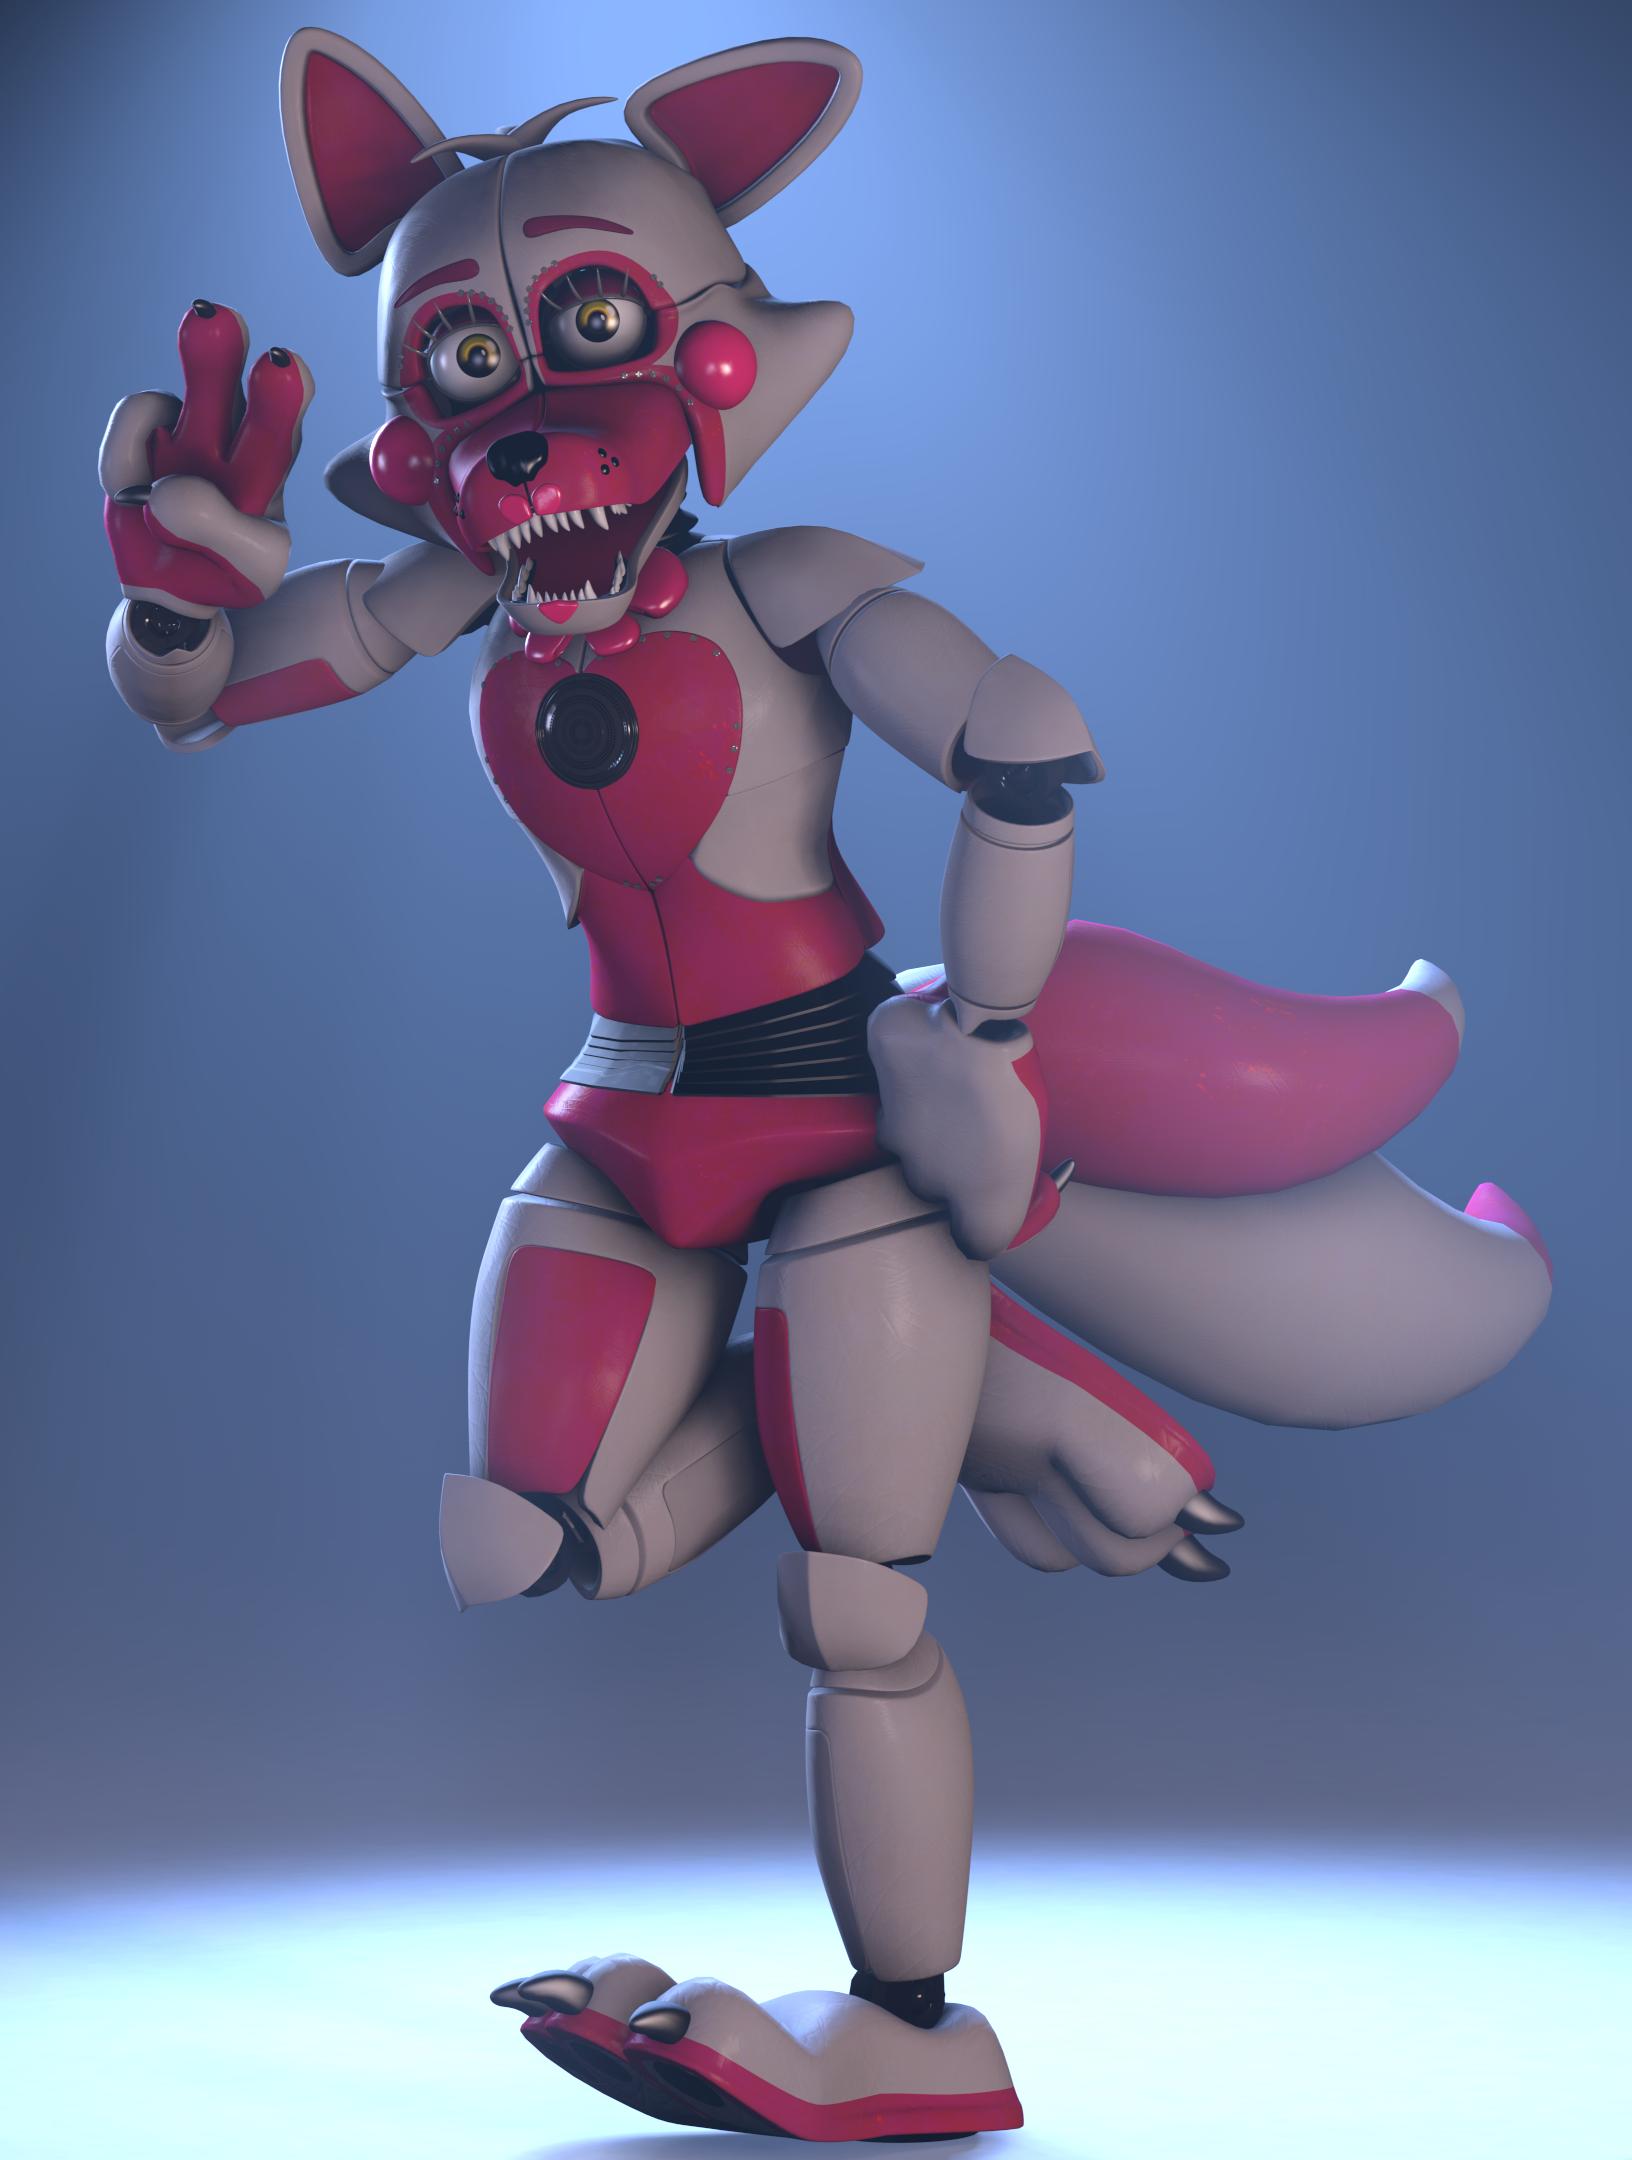 funtime foxy sfm by - photo #18